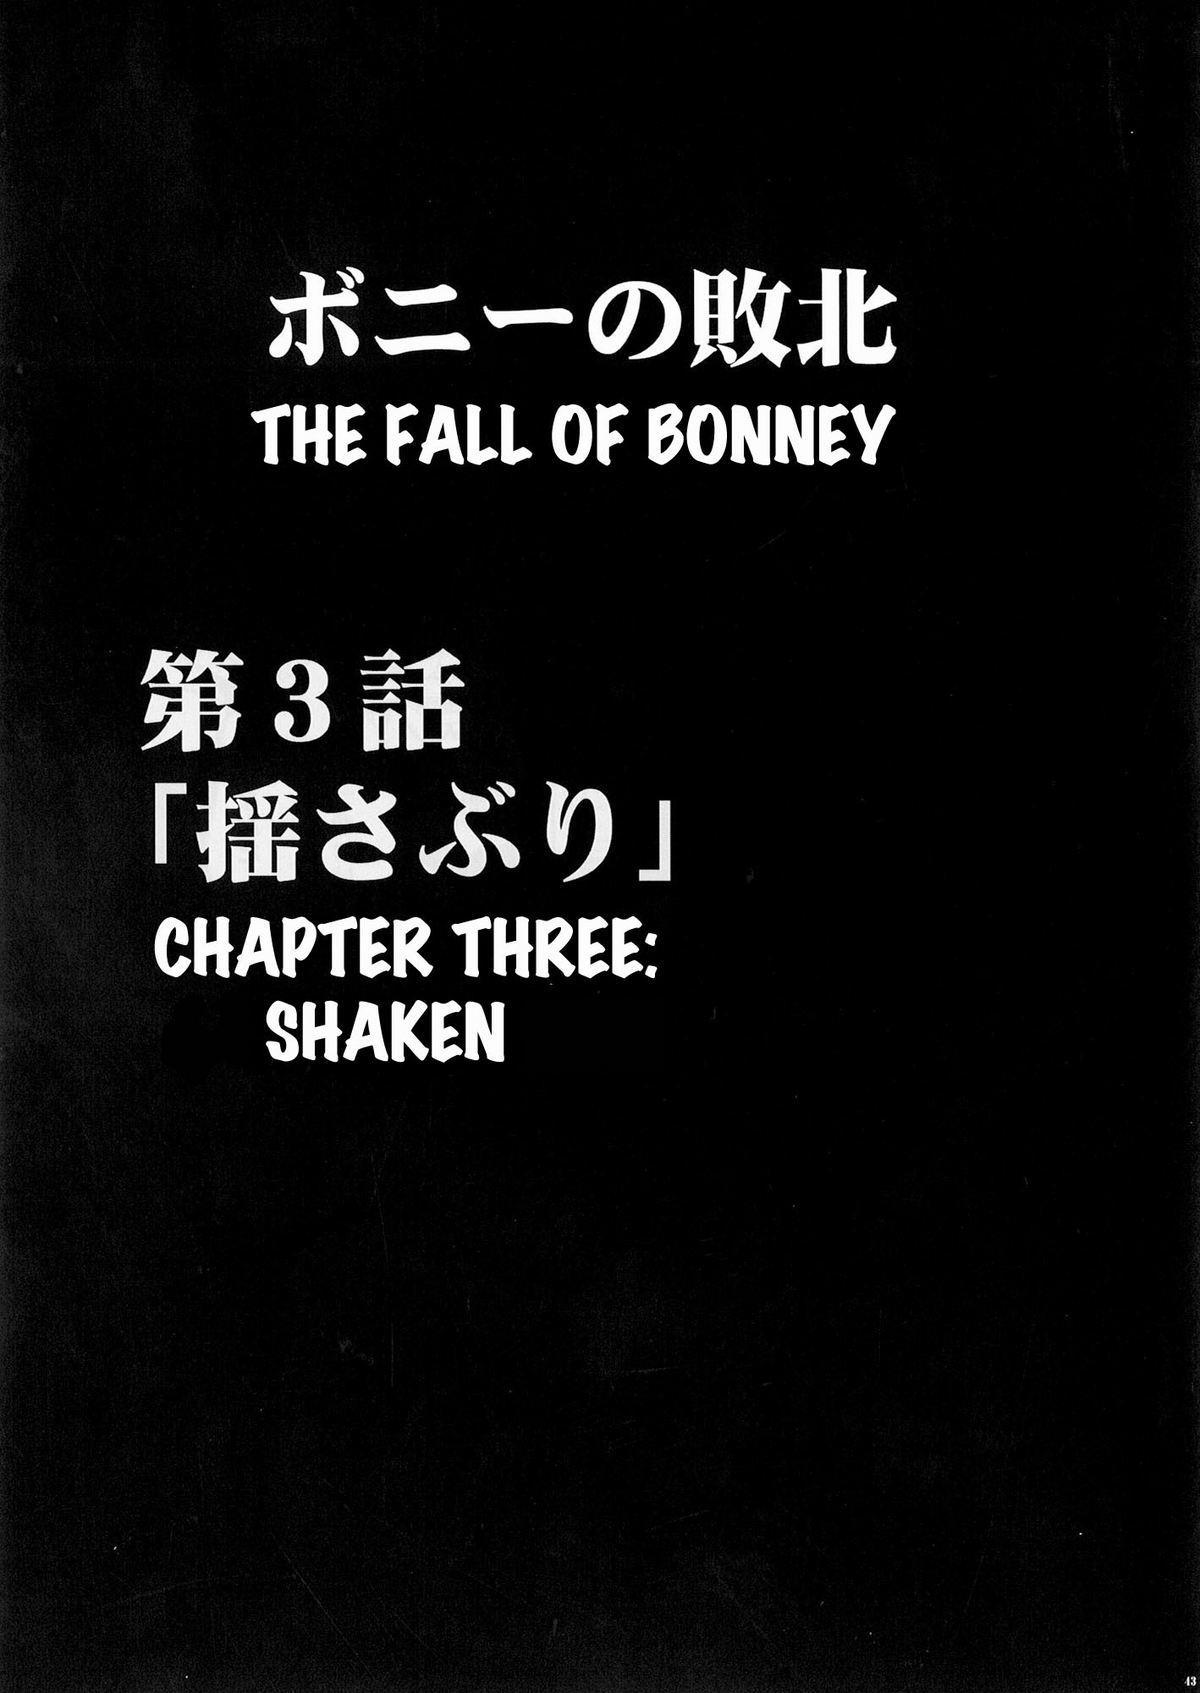 Bonnie no Haiboku   Bonney's Defeat 41